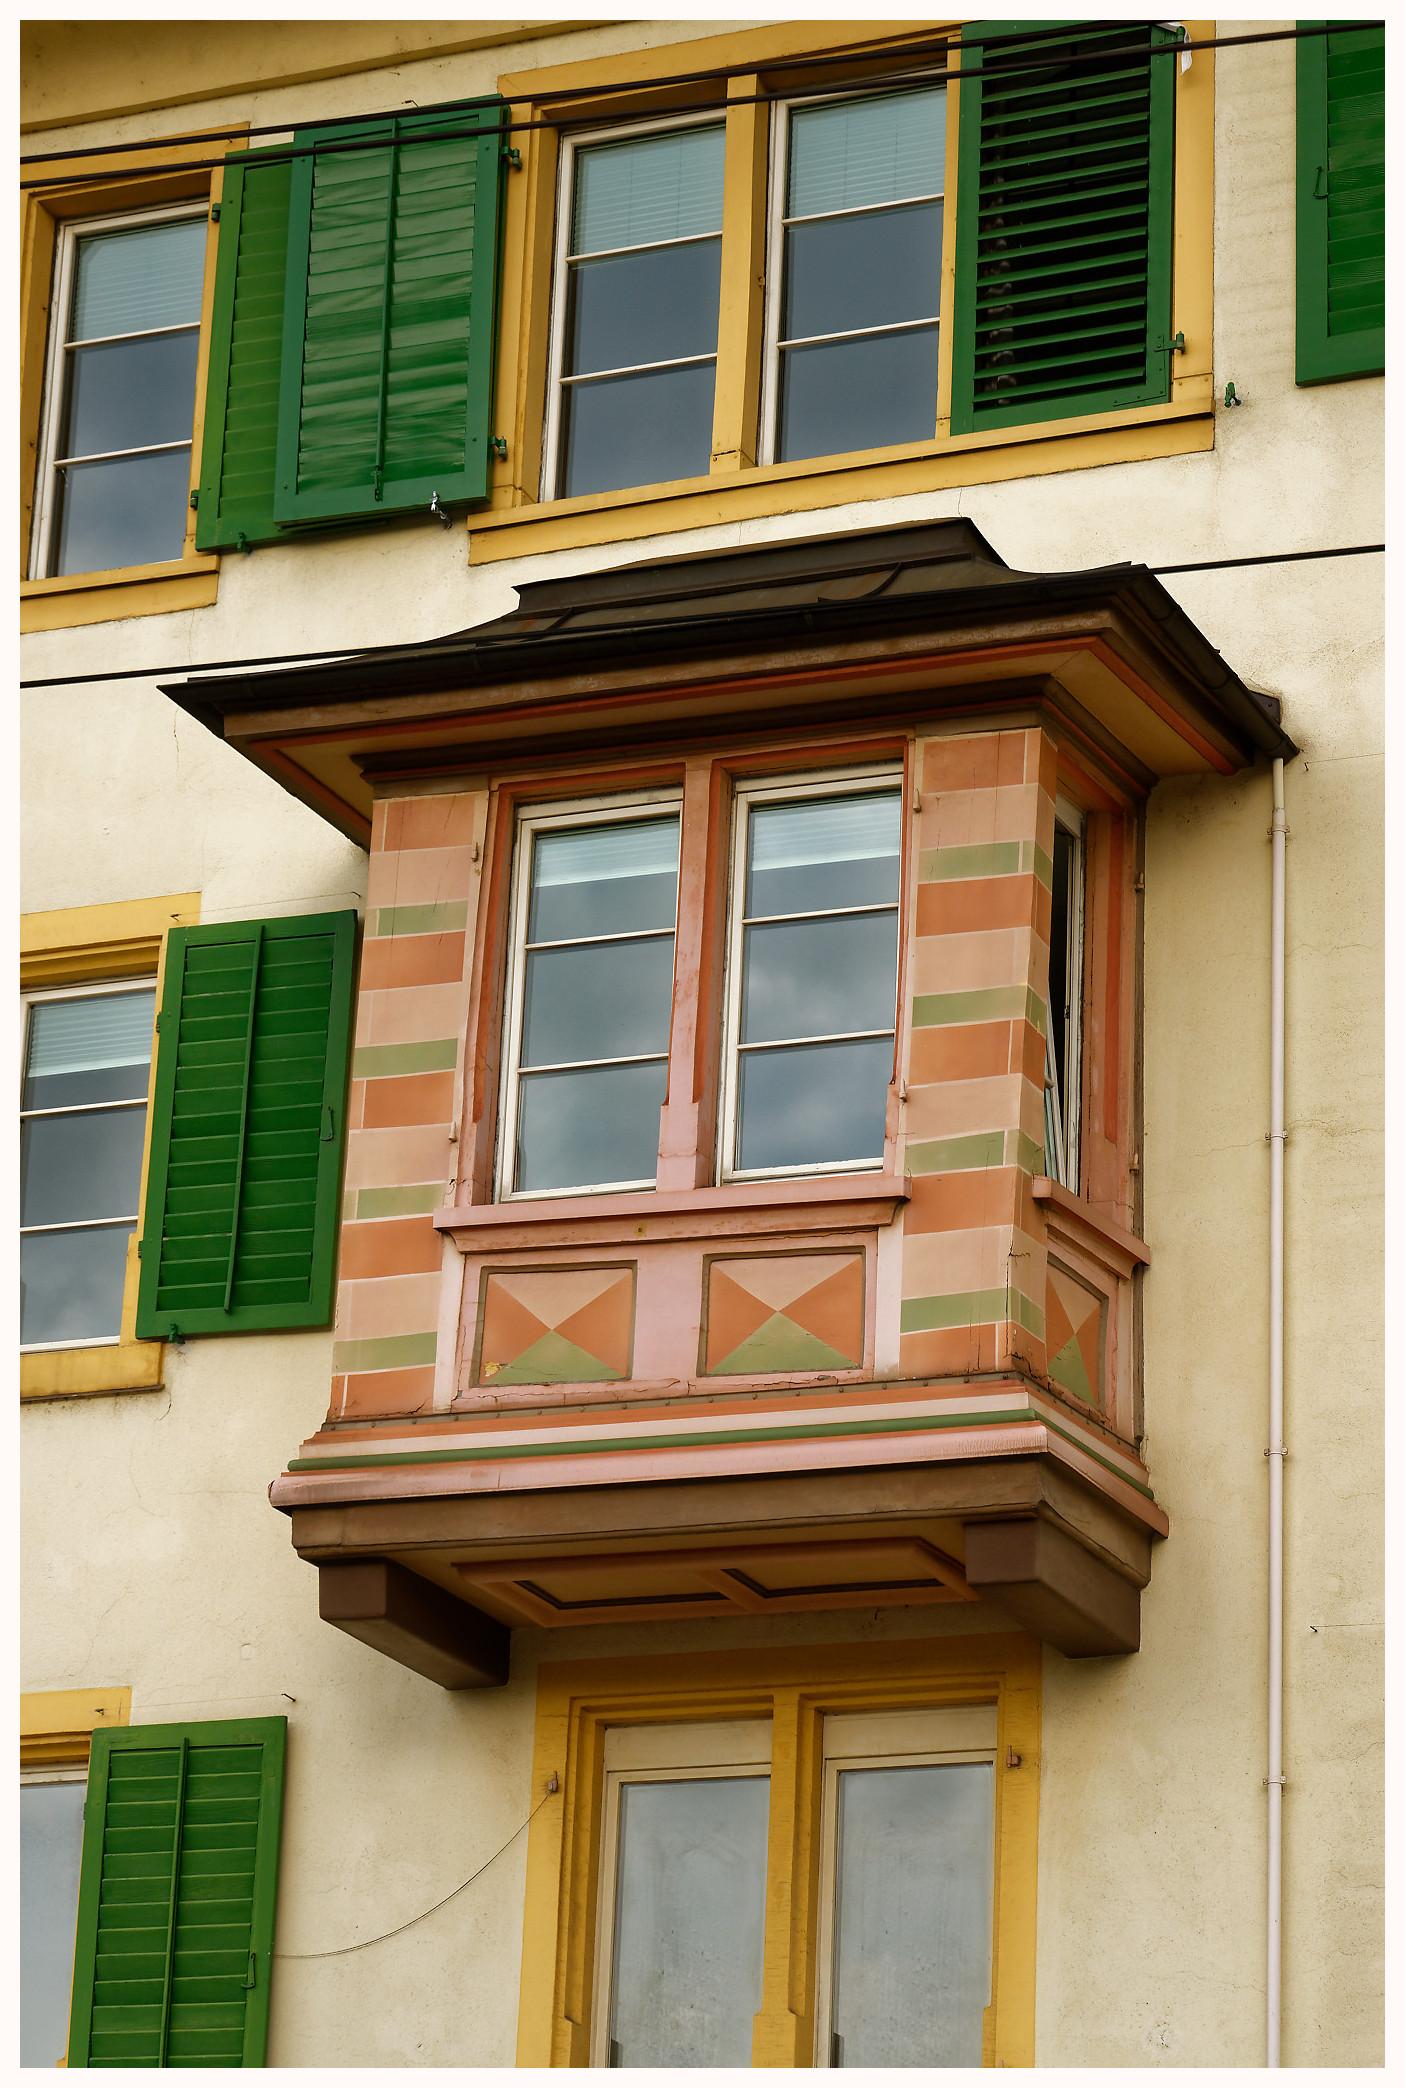 Fenêtre ancienne à Zurich